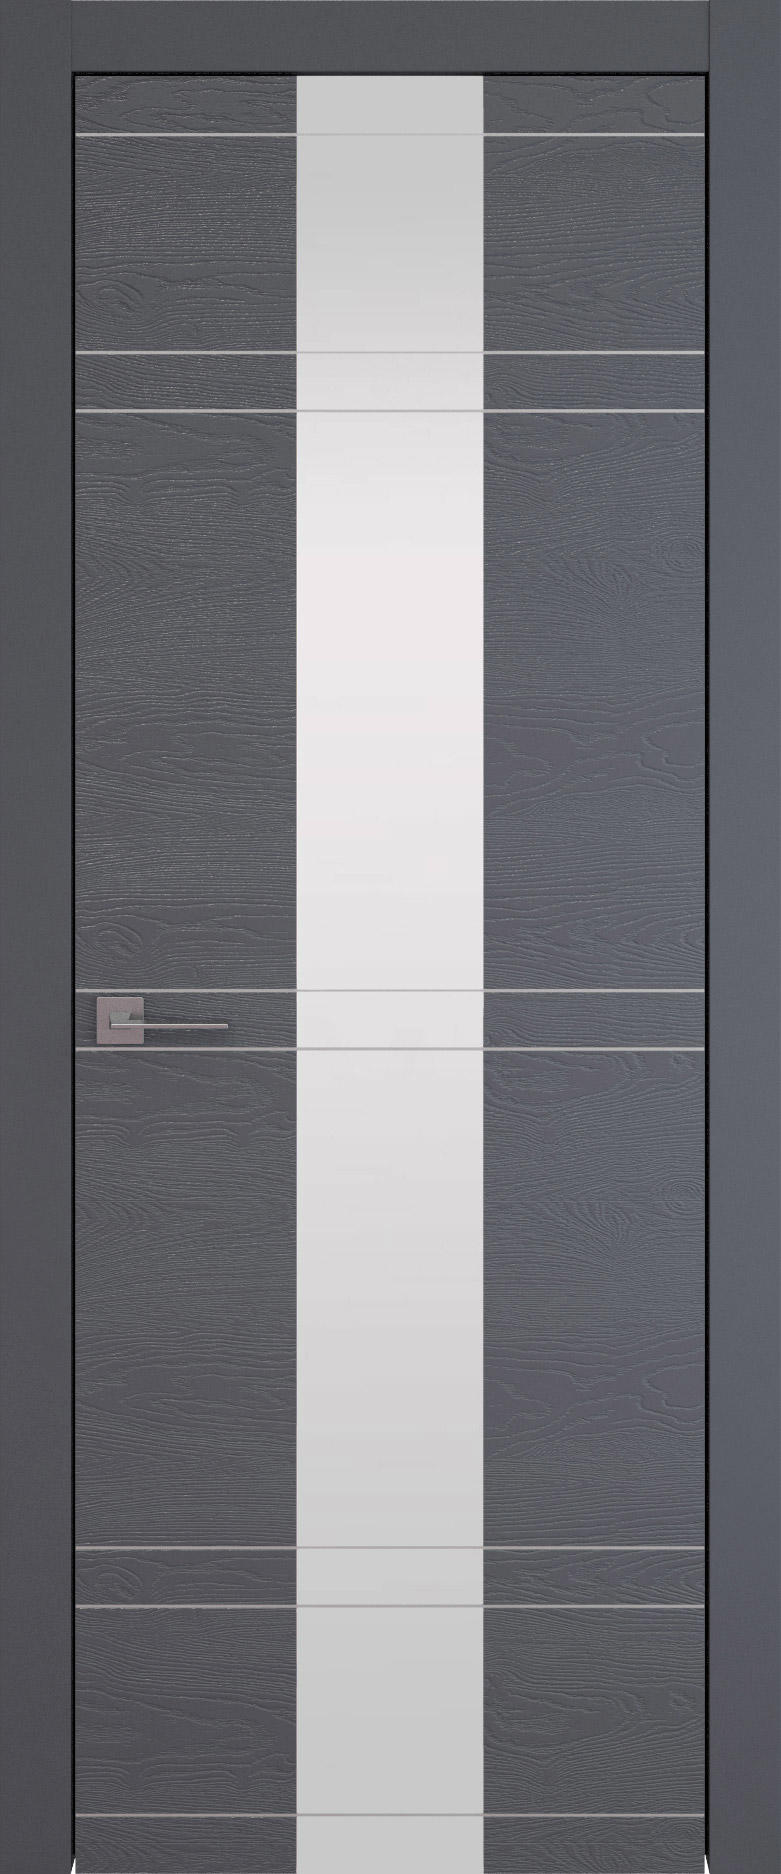 Tivoli Ж-4 цвет - Графитово-серая эмаль по шпону (RAL 7024) Со стеклом (ДО)